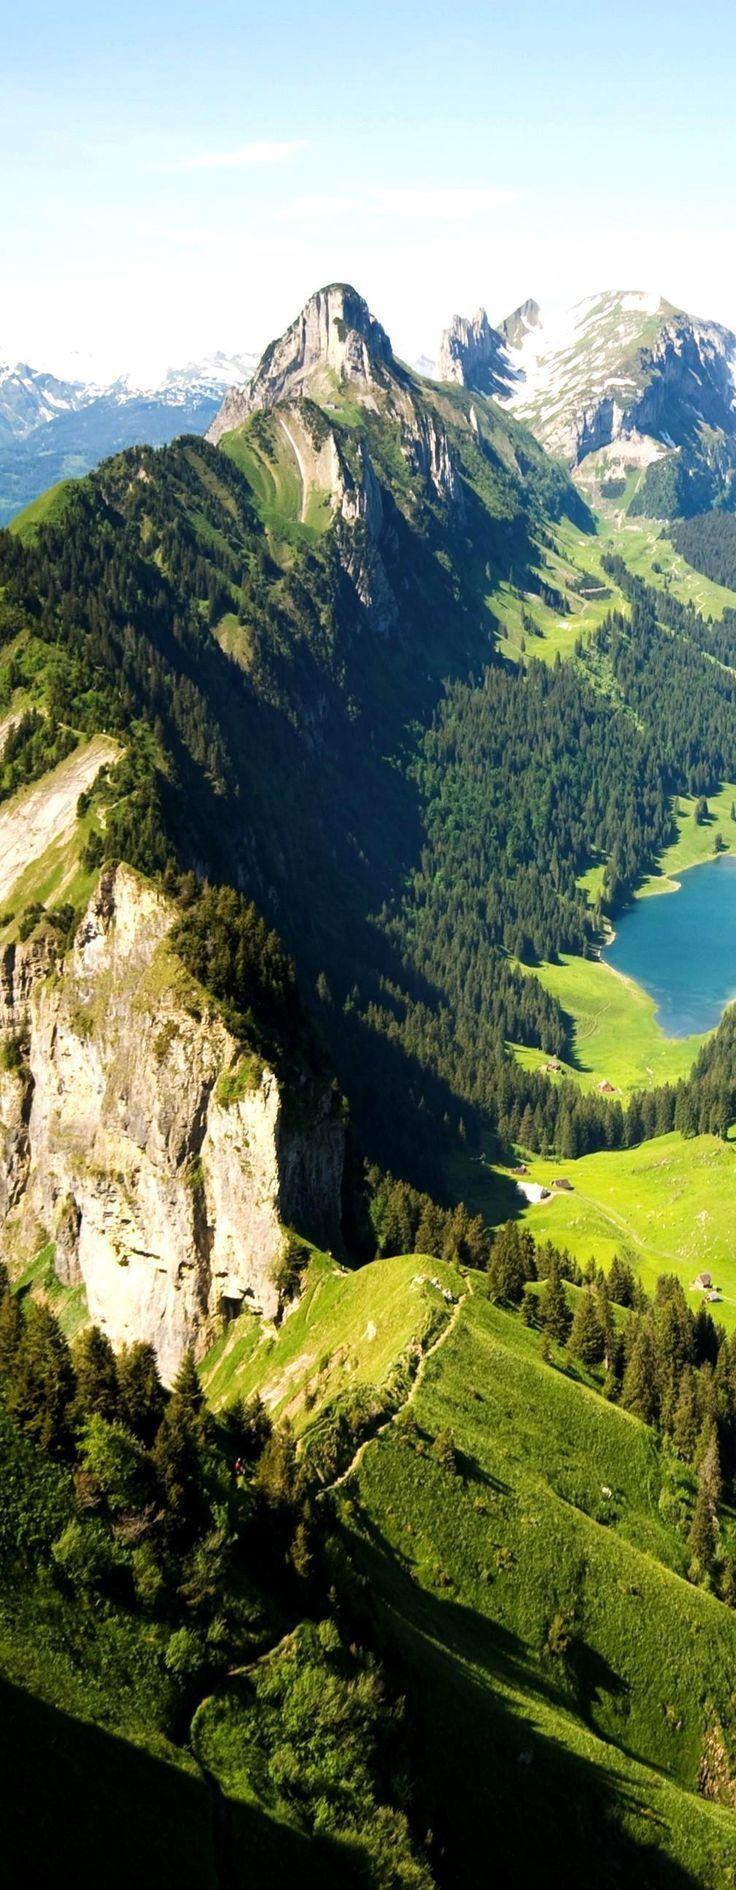 Die schönsten Wanderwege der Schweiz!  #der #Die #schonsten #schweiz #wanderwege #hikingtrails